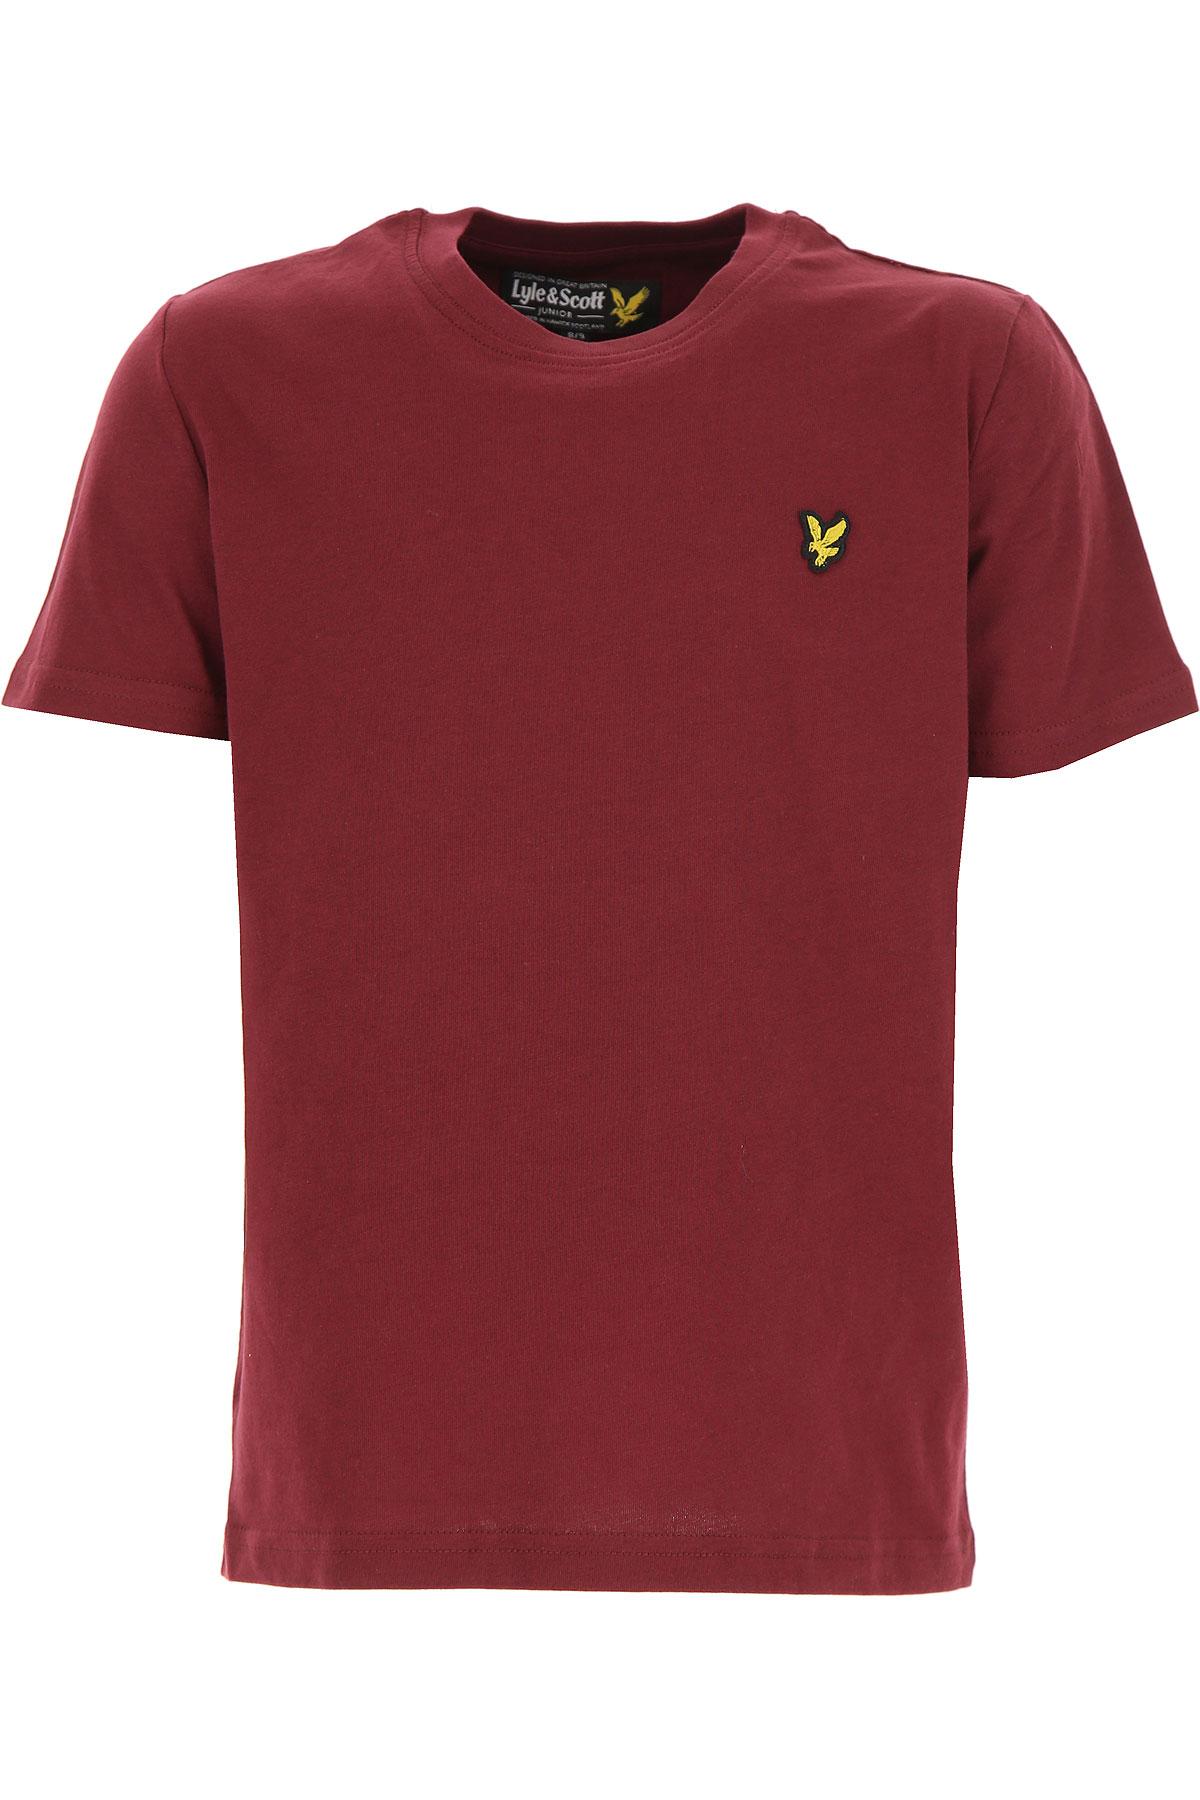 Image of Lyle & Scott Kids T-Shirt for Boys, Bordeaux, Cotton, 2017, 10Y 14Y 8Y